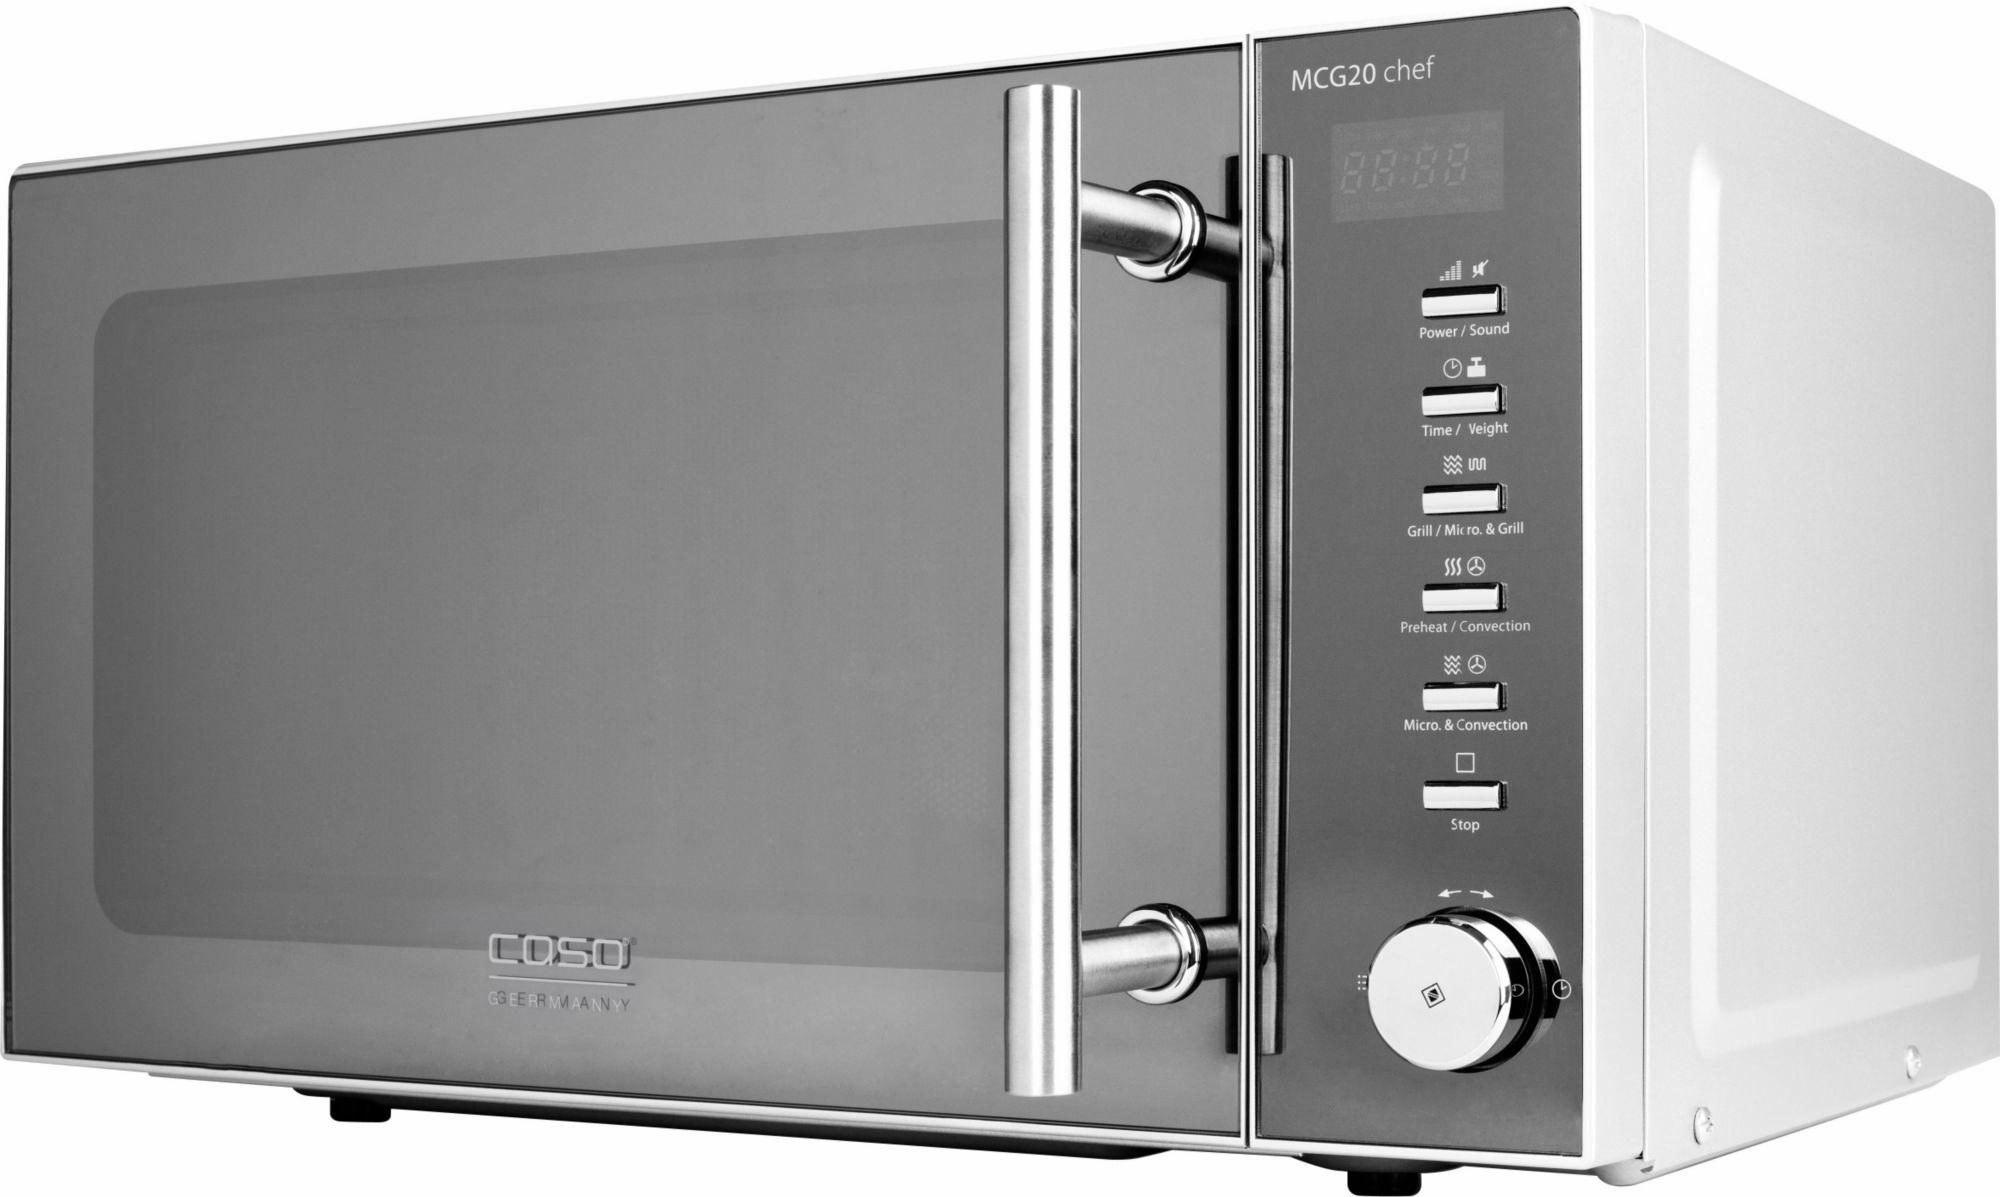 CASO DESIGN CASO Design Mikrowelle CASO MCG20 chef Design, mit Grill und Heißluft, 20 Liter Garraum, 800 Watt